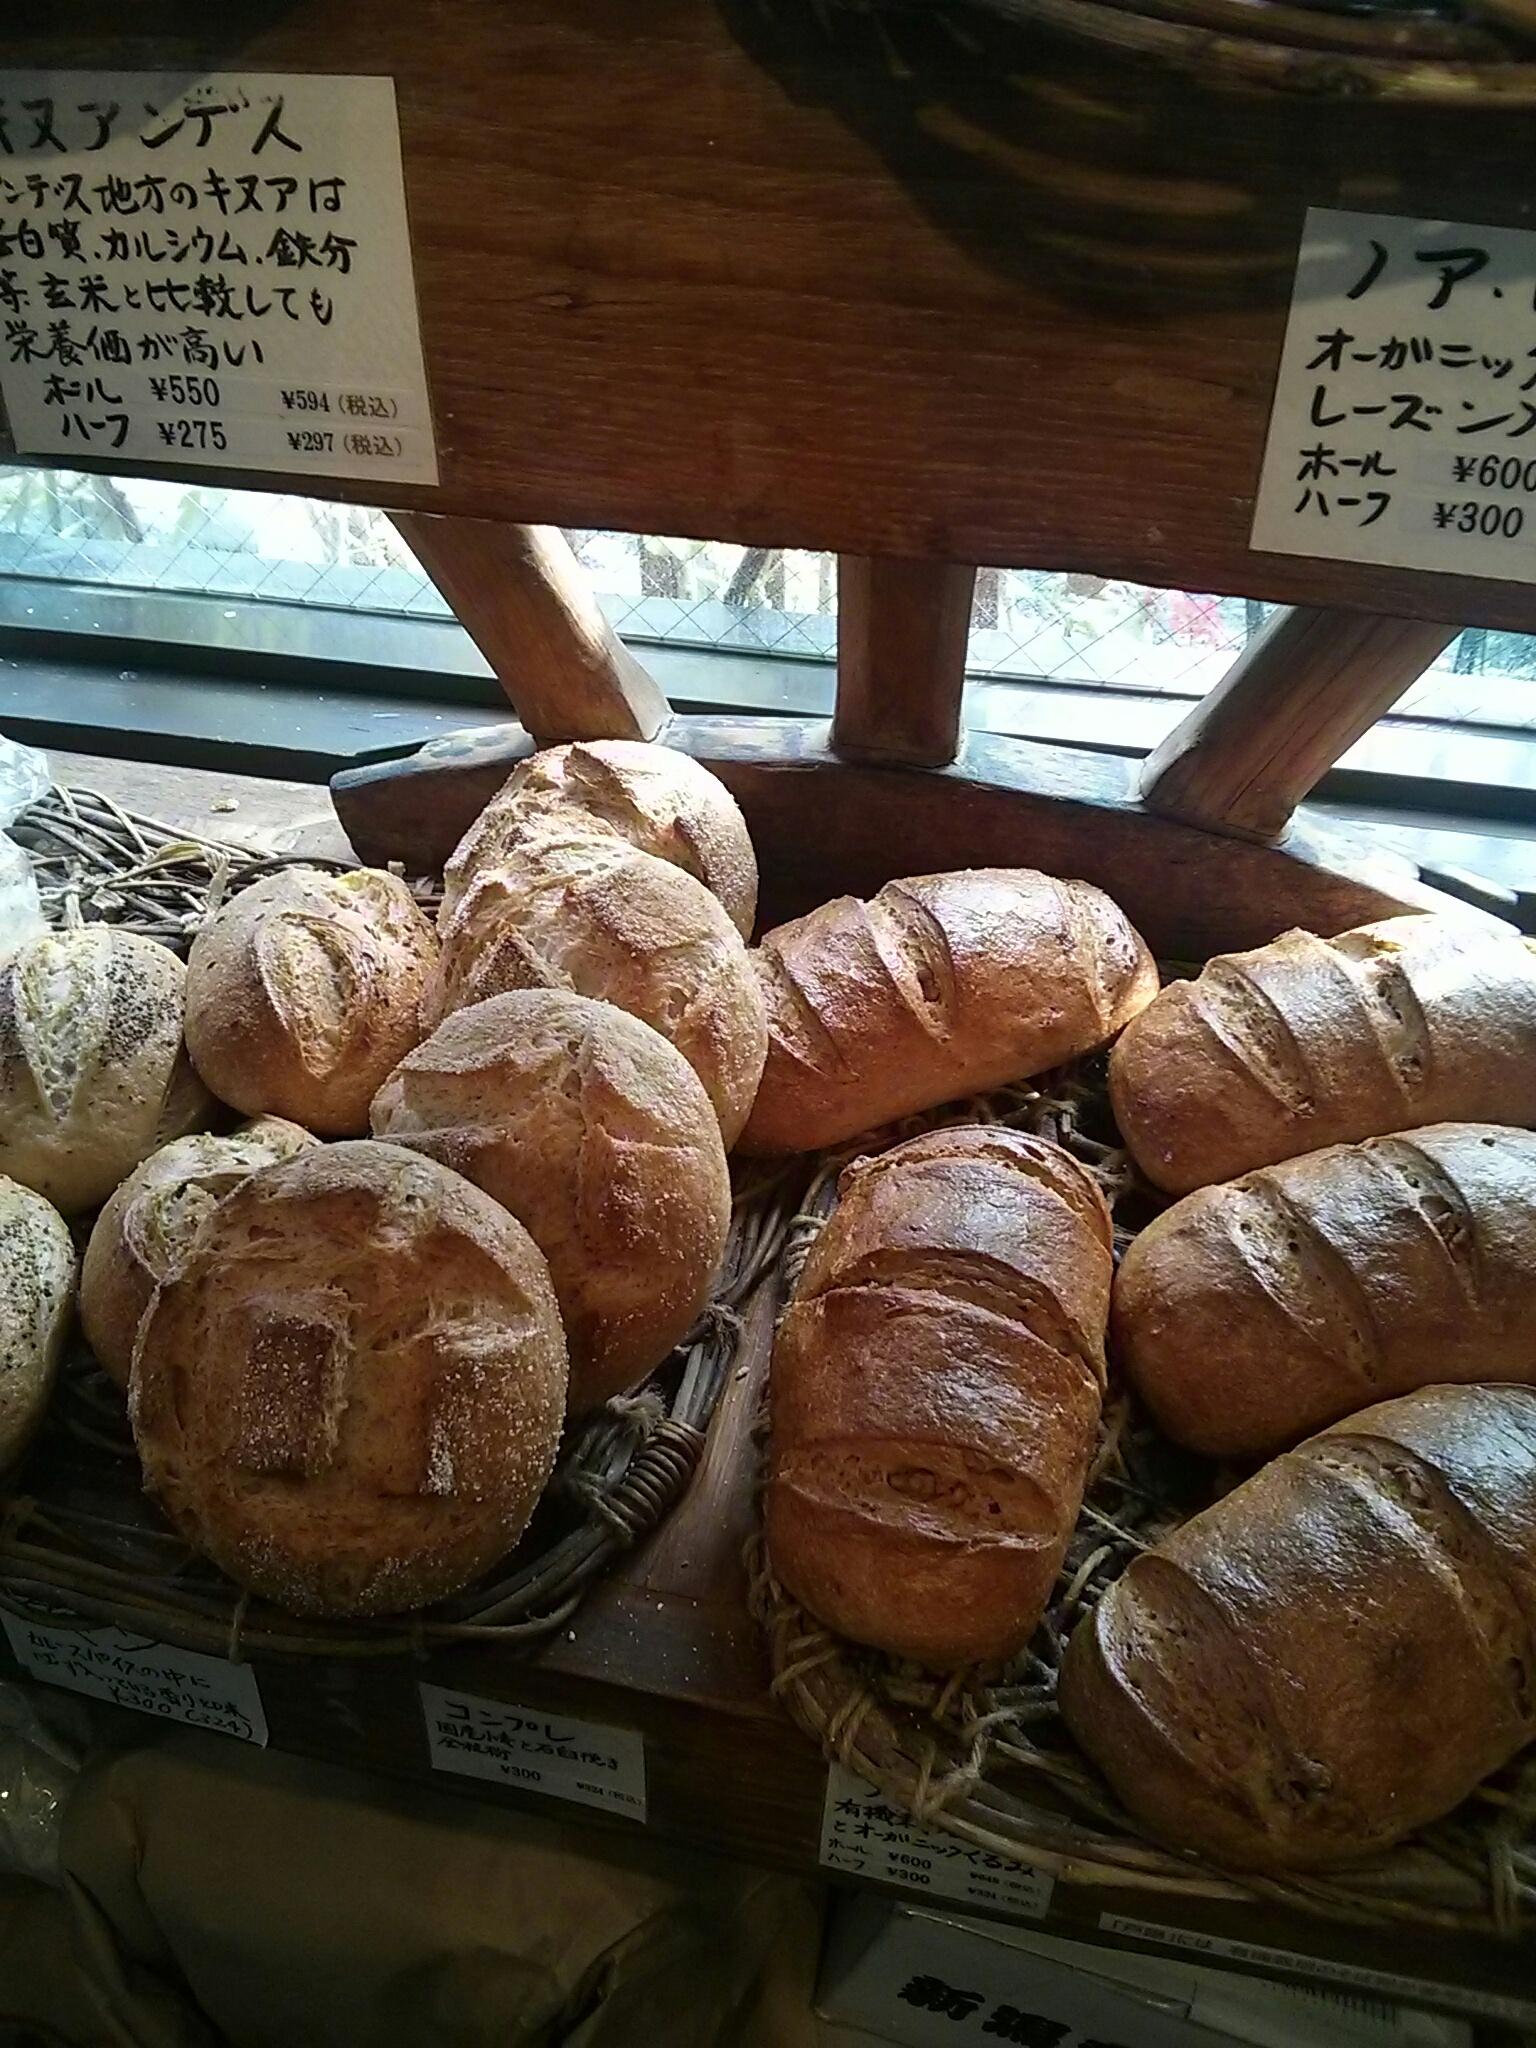 『マール ツァイト』茗荷谷~ミルク天然酵母パン